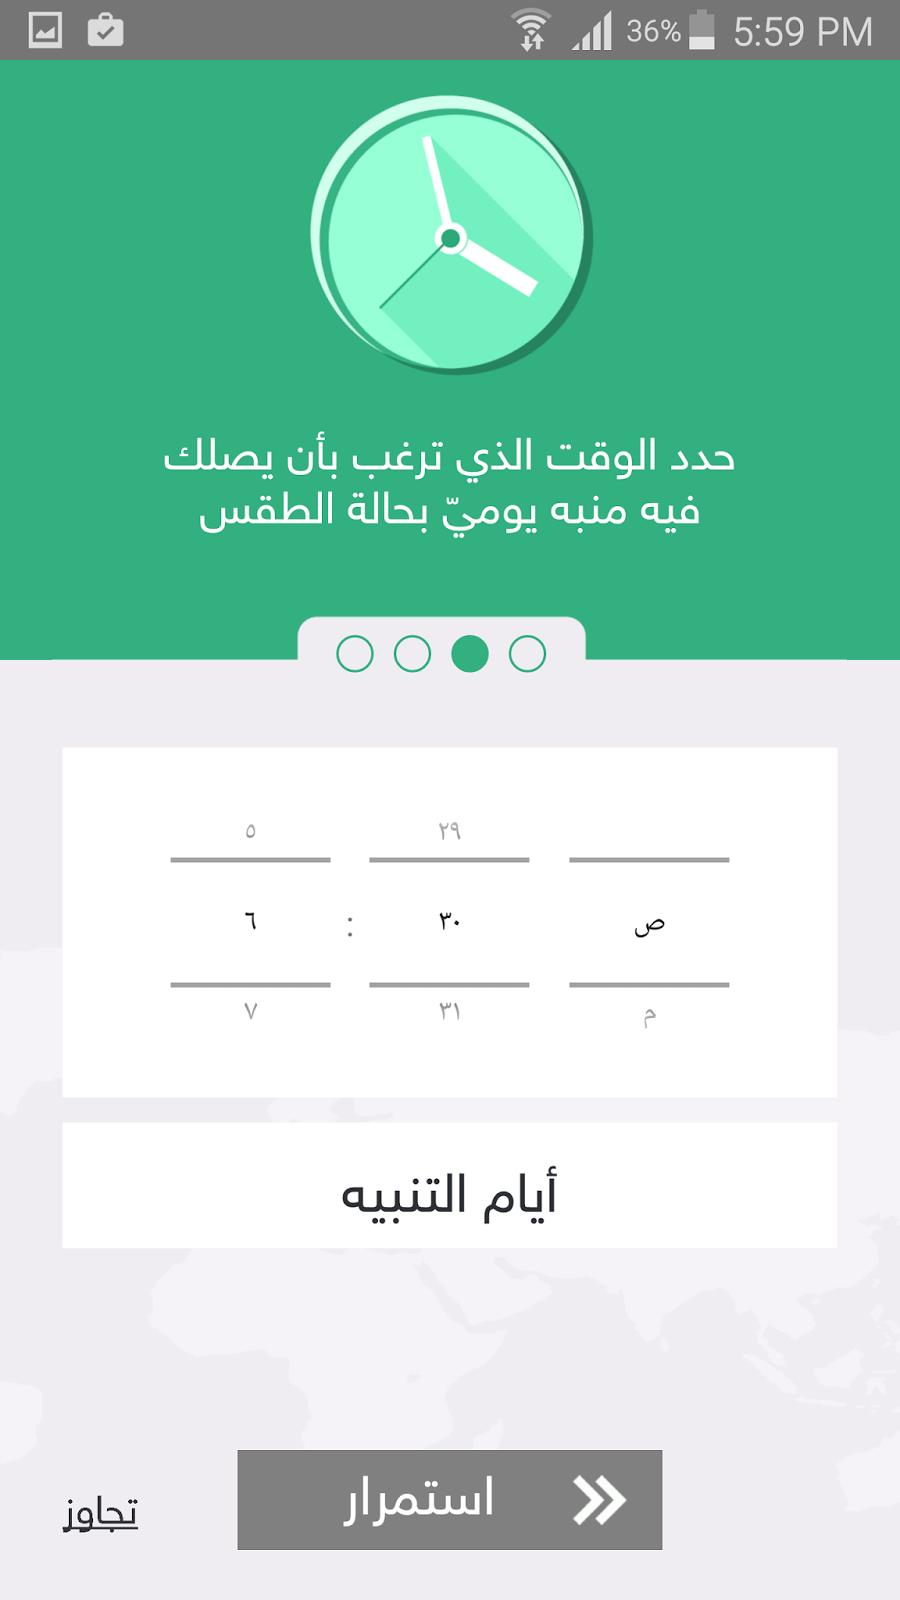 تطبيق طقس العرب افضل تطبيق عربي لمعرفة الحالة الجوية في البلدان العربية | بحرية درويد